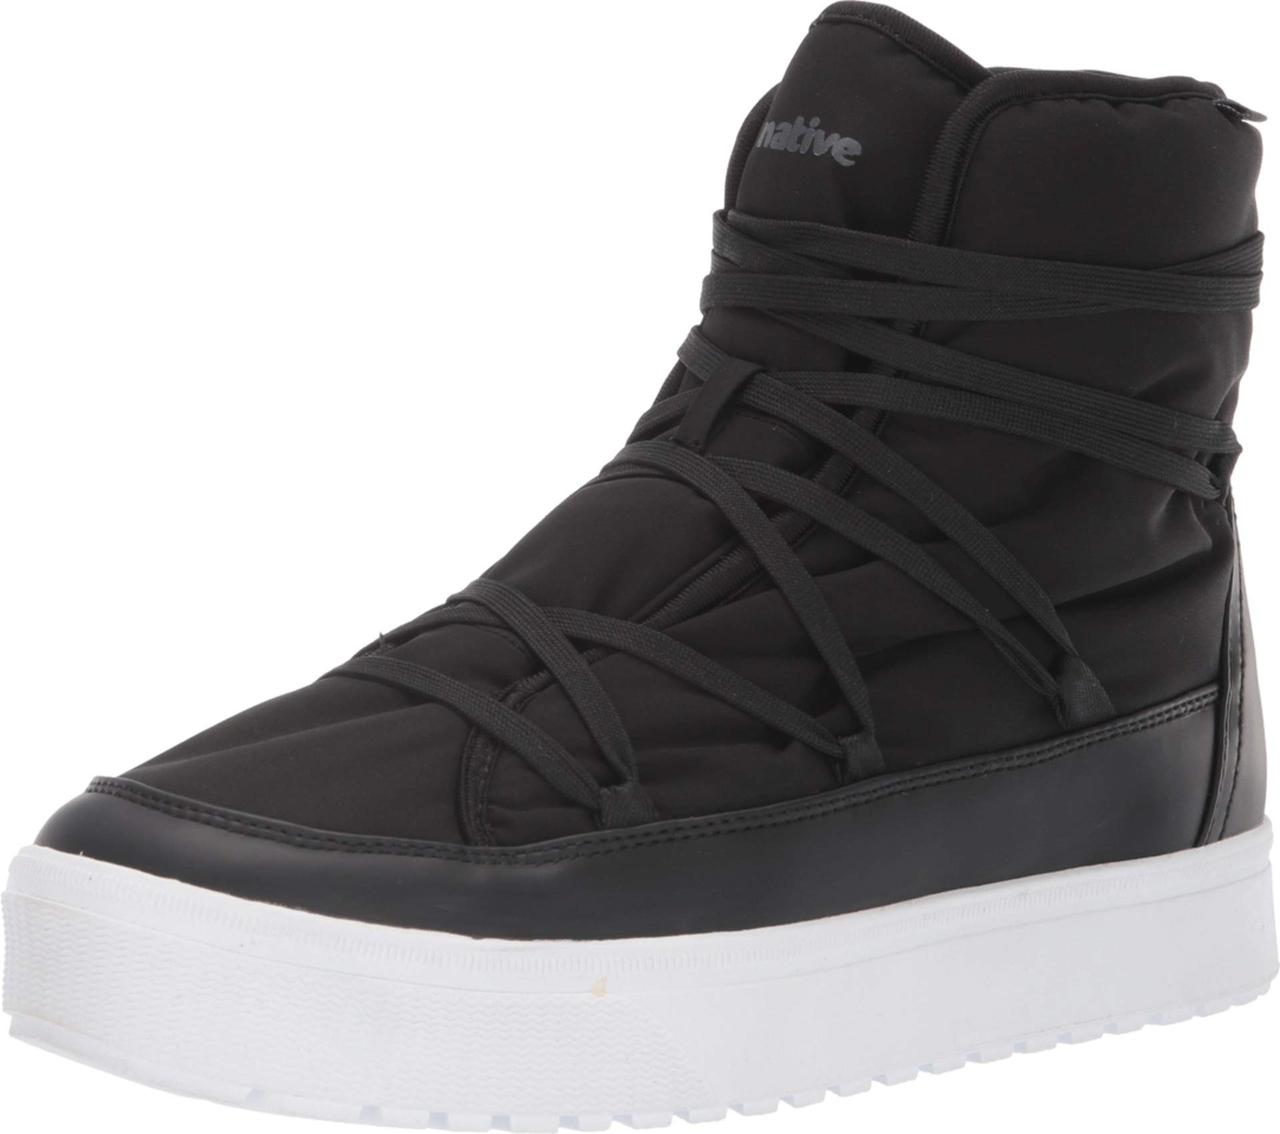 7509100c5203 Кроссовки/Кеды (Оригинал) Native Shoes Chamonix Jiffy Black/Shell White